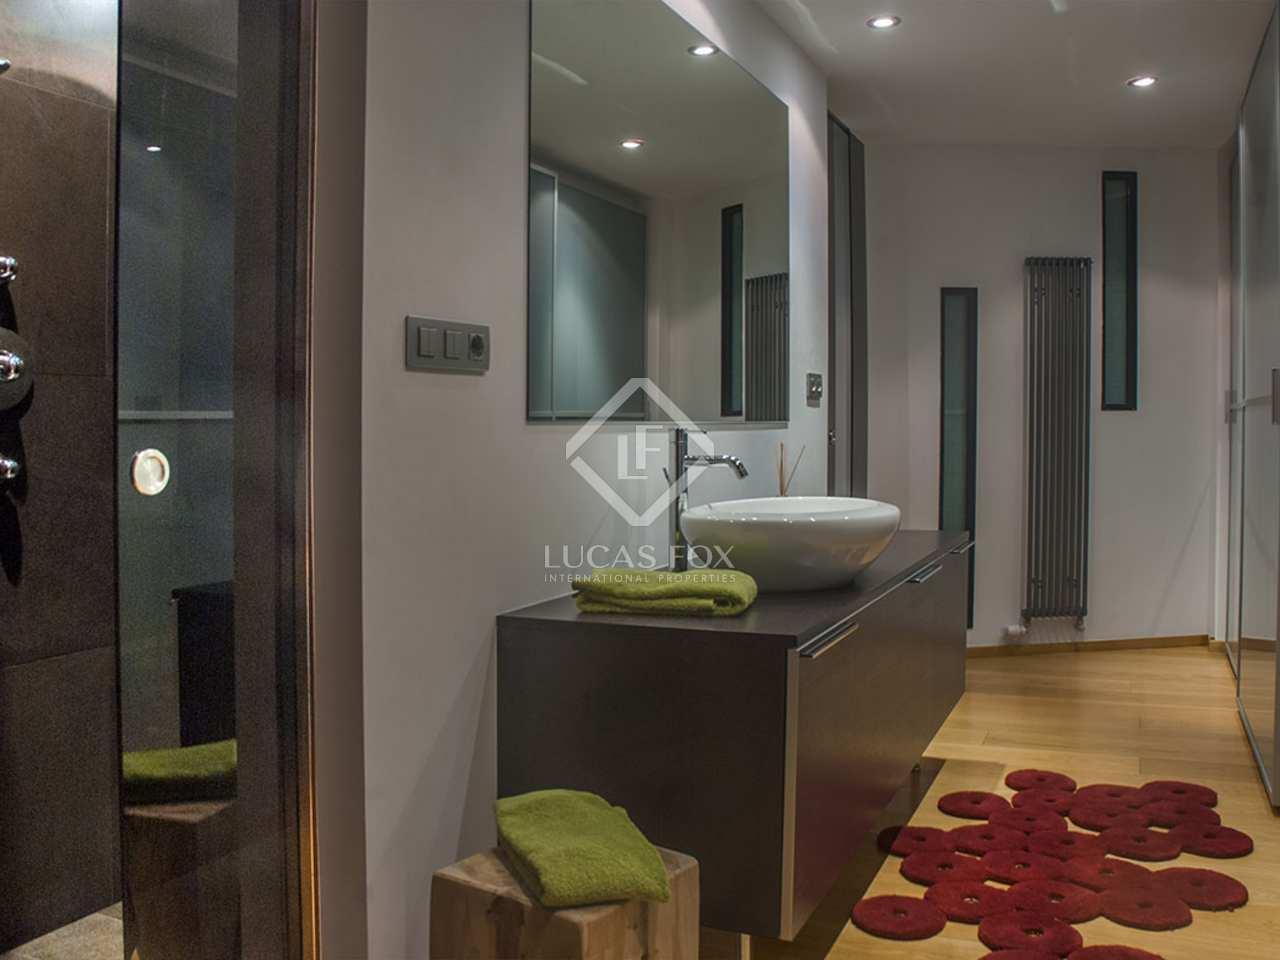 Apartamento de nueva construcci n en andorra la vella - Andorra la vella apartamentos ...